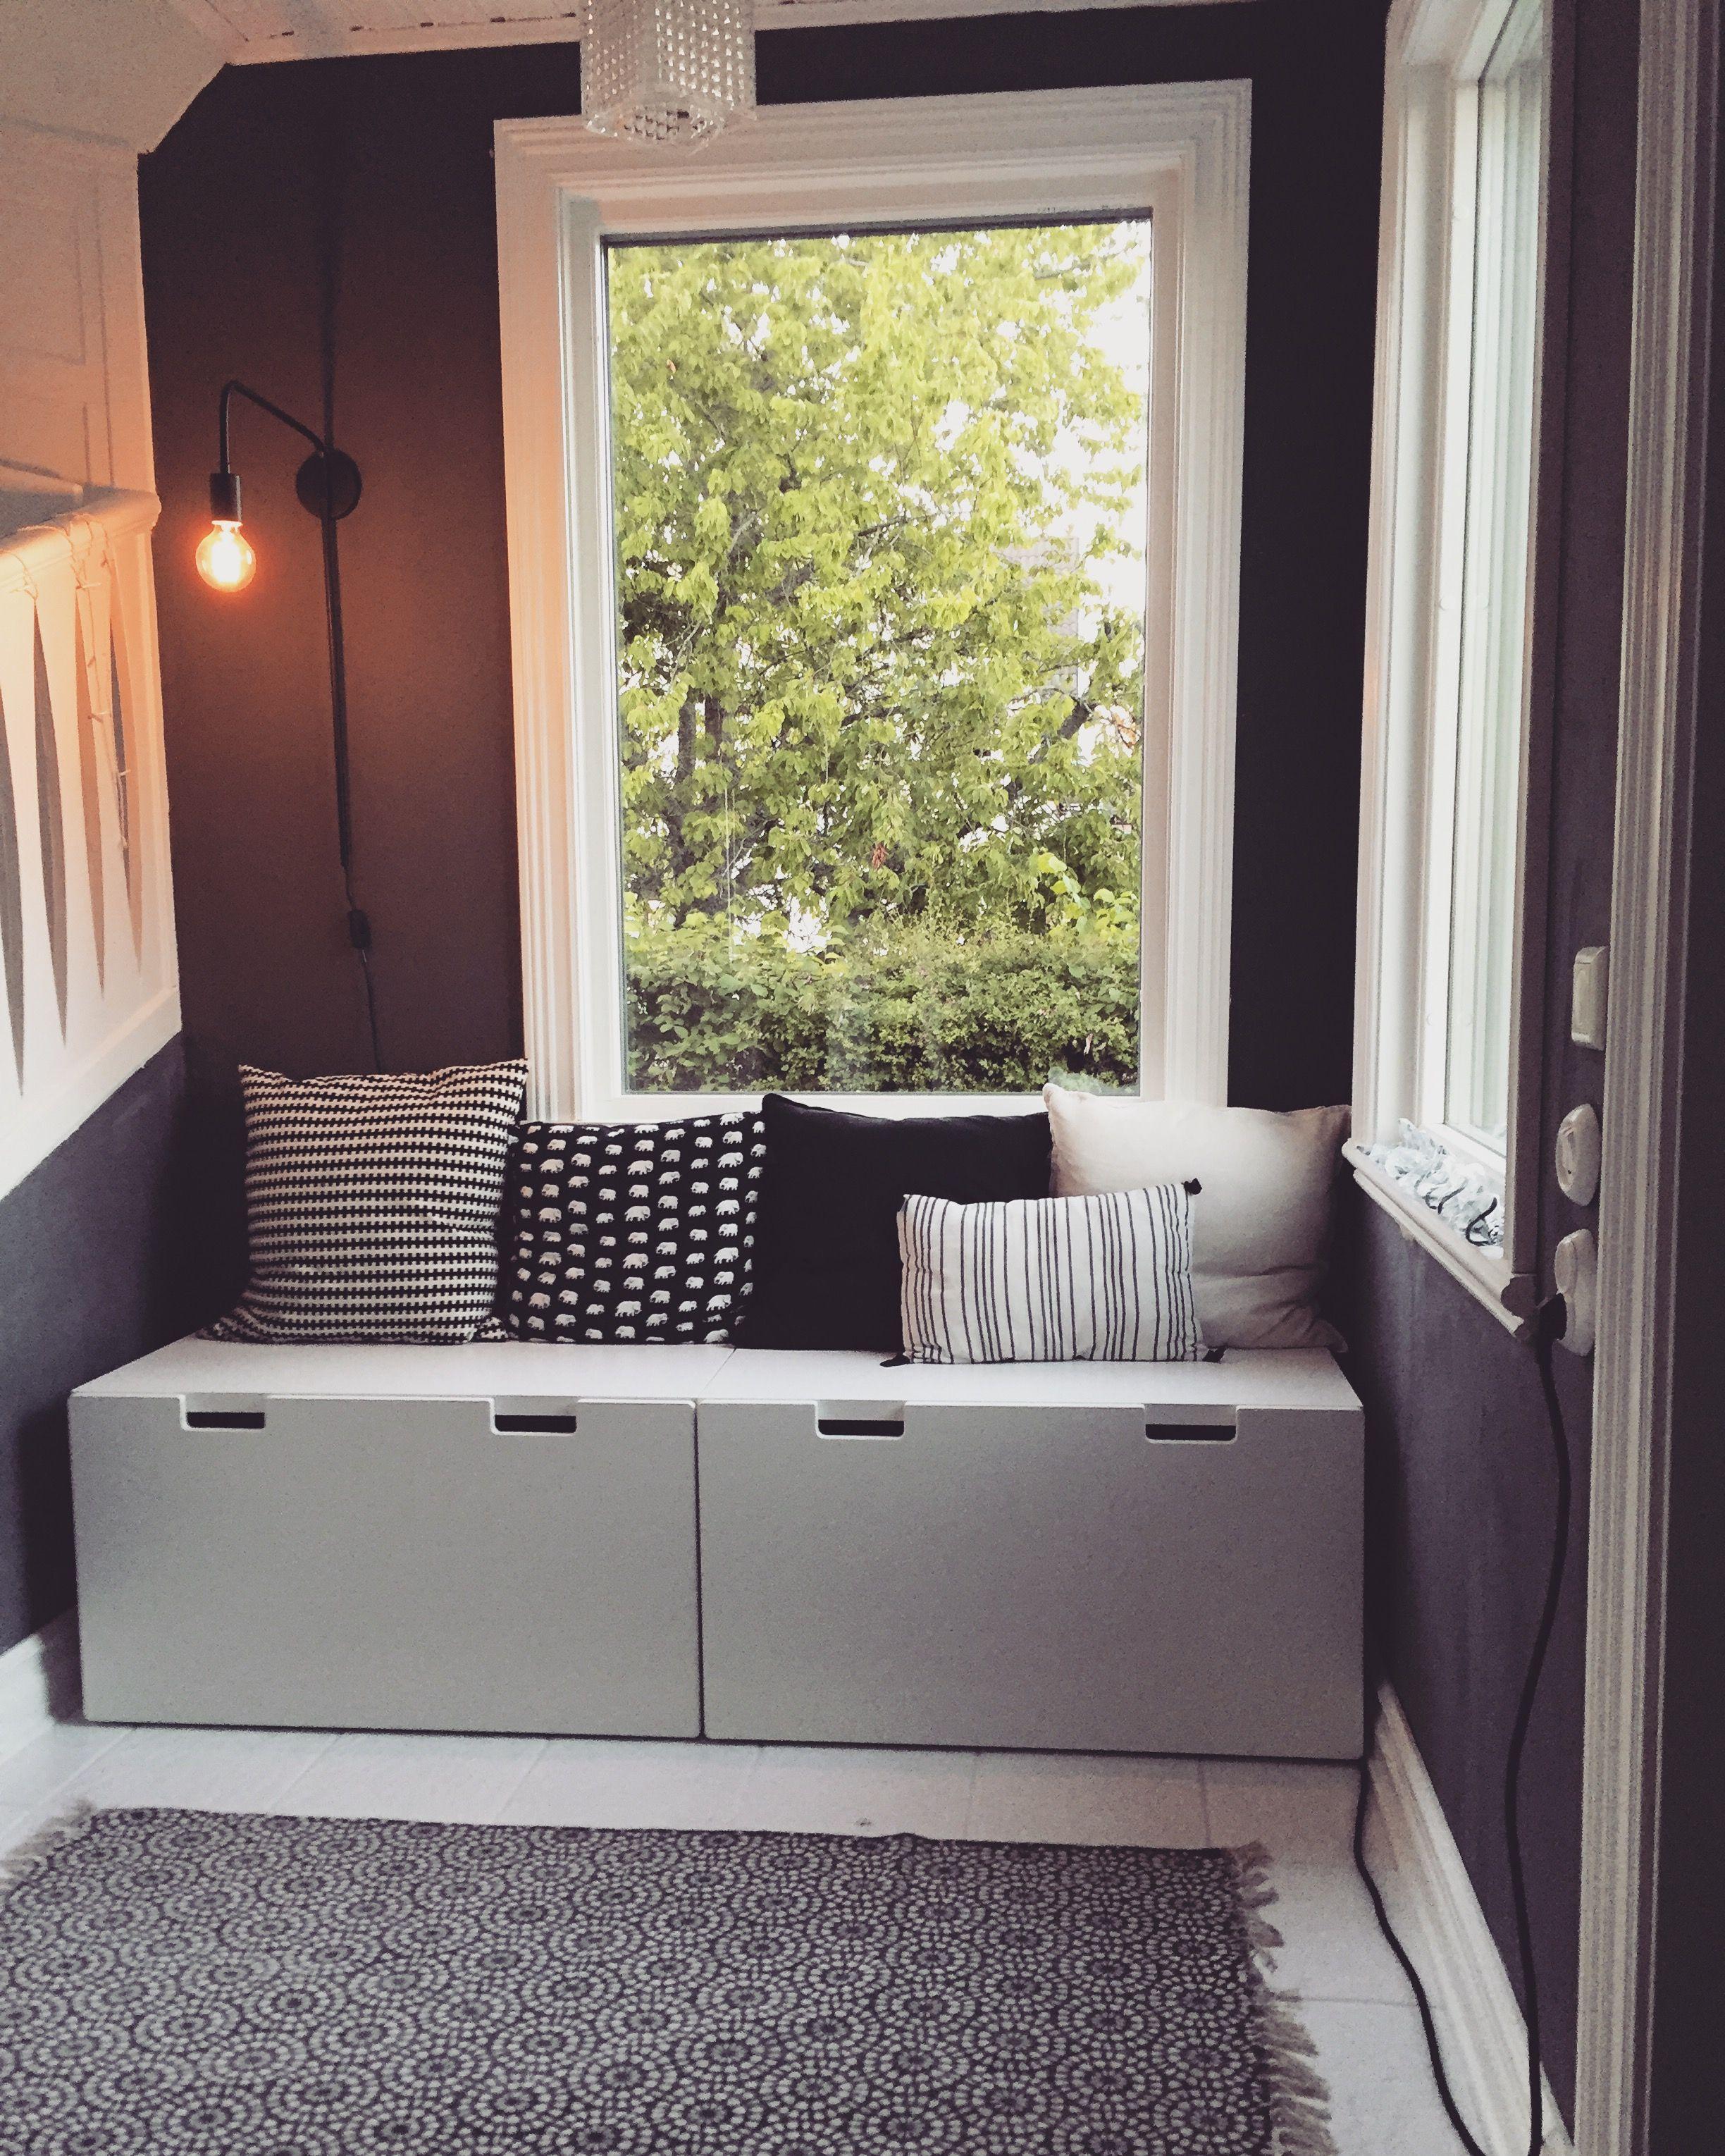 hall hallway ikea stuva v ggar m lade med kalklitir grigio secco mitt hus i 2019. Black Bedroom Furniture Sets. Home Design Ideas